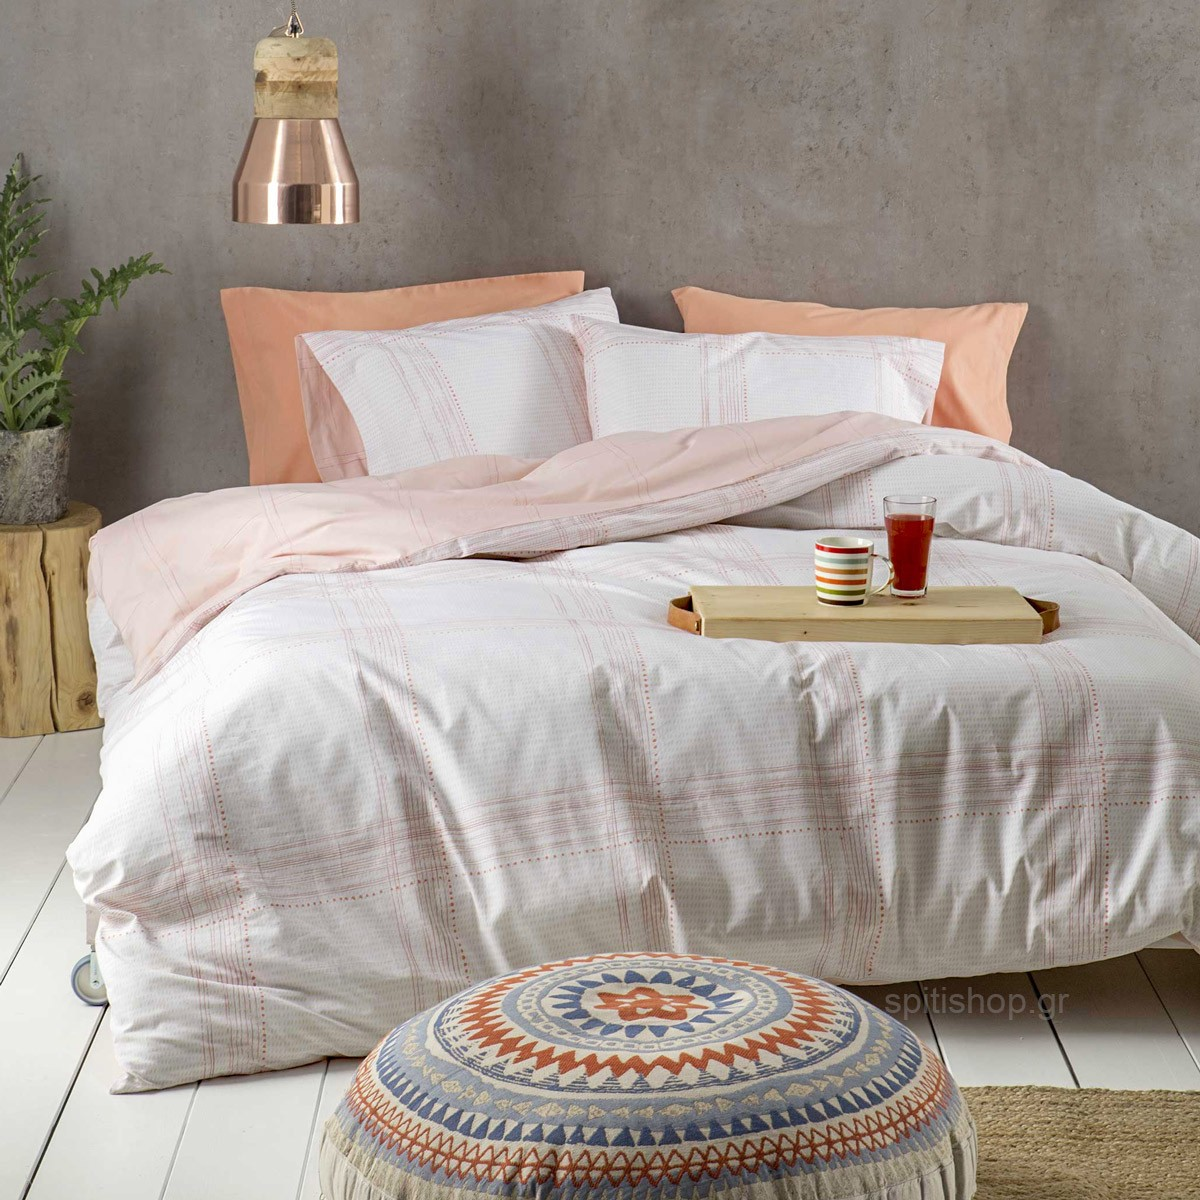 Σεντόνια King Size (Σετ) Nima Bed Linen Erogno Coral